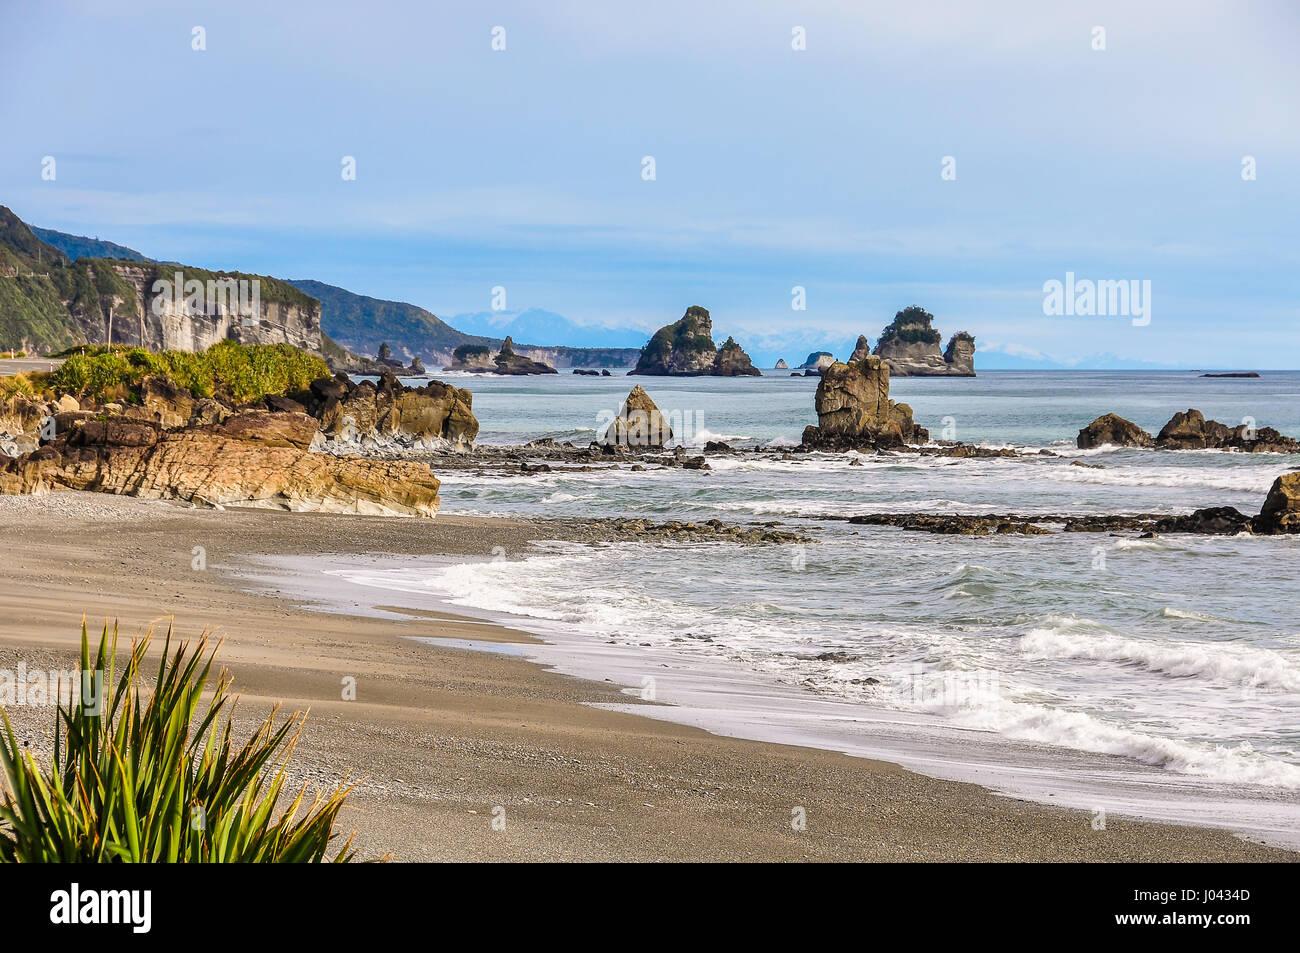 Strada costiera vicino a Punakaiki sulla costa ovest della Nuova Zelanda Immagini Stock